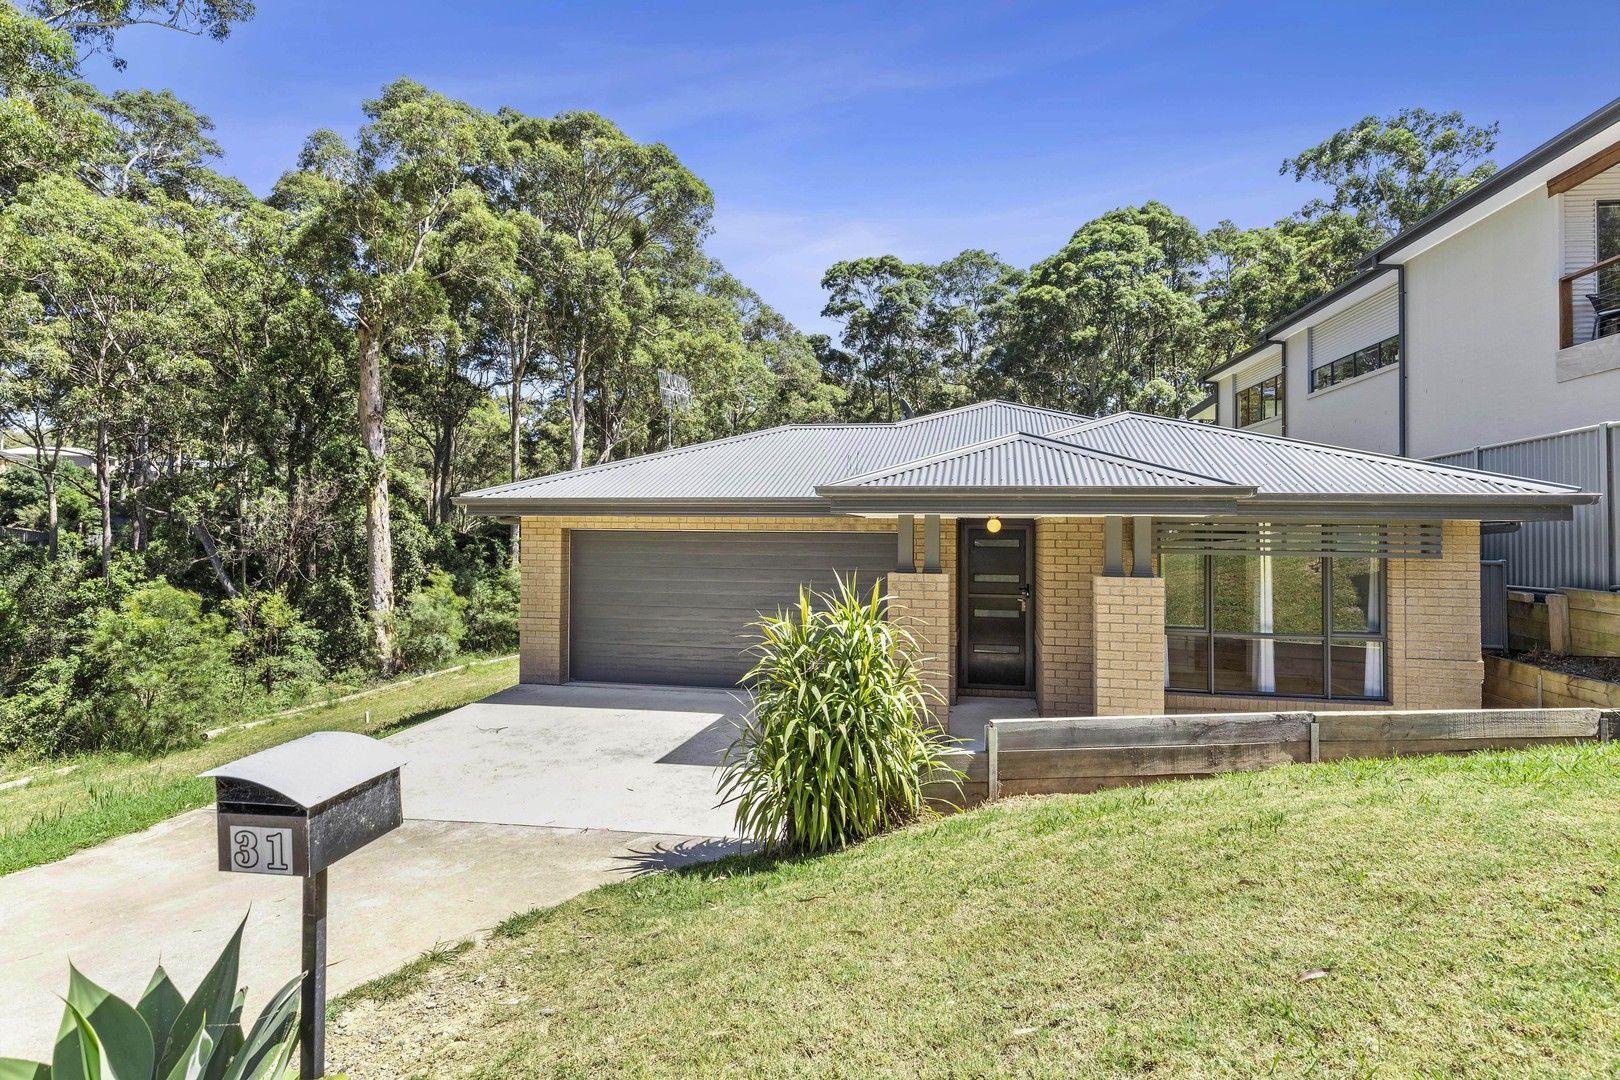 31 Carramar Drive, Lilli Pilli NSW 2536, Image 0